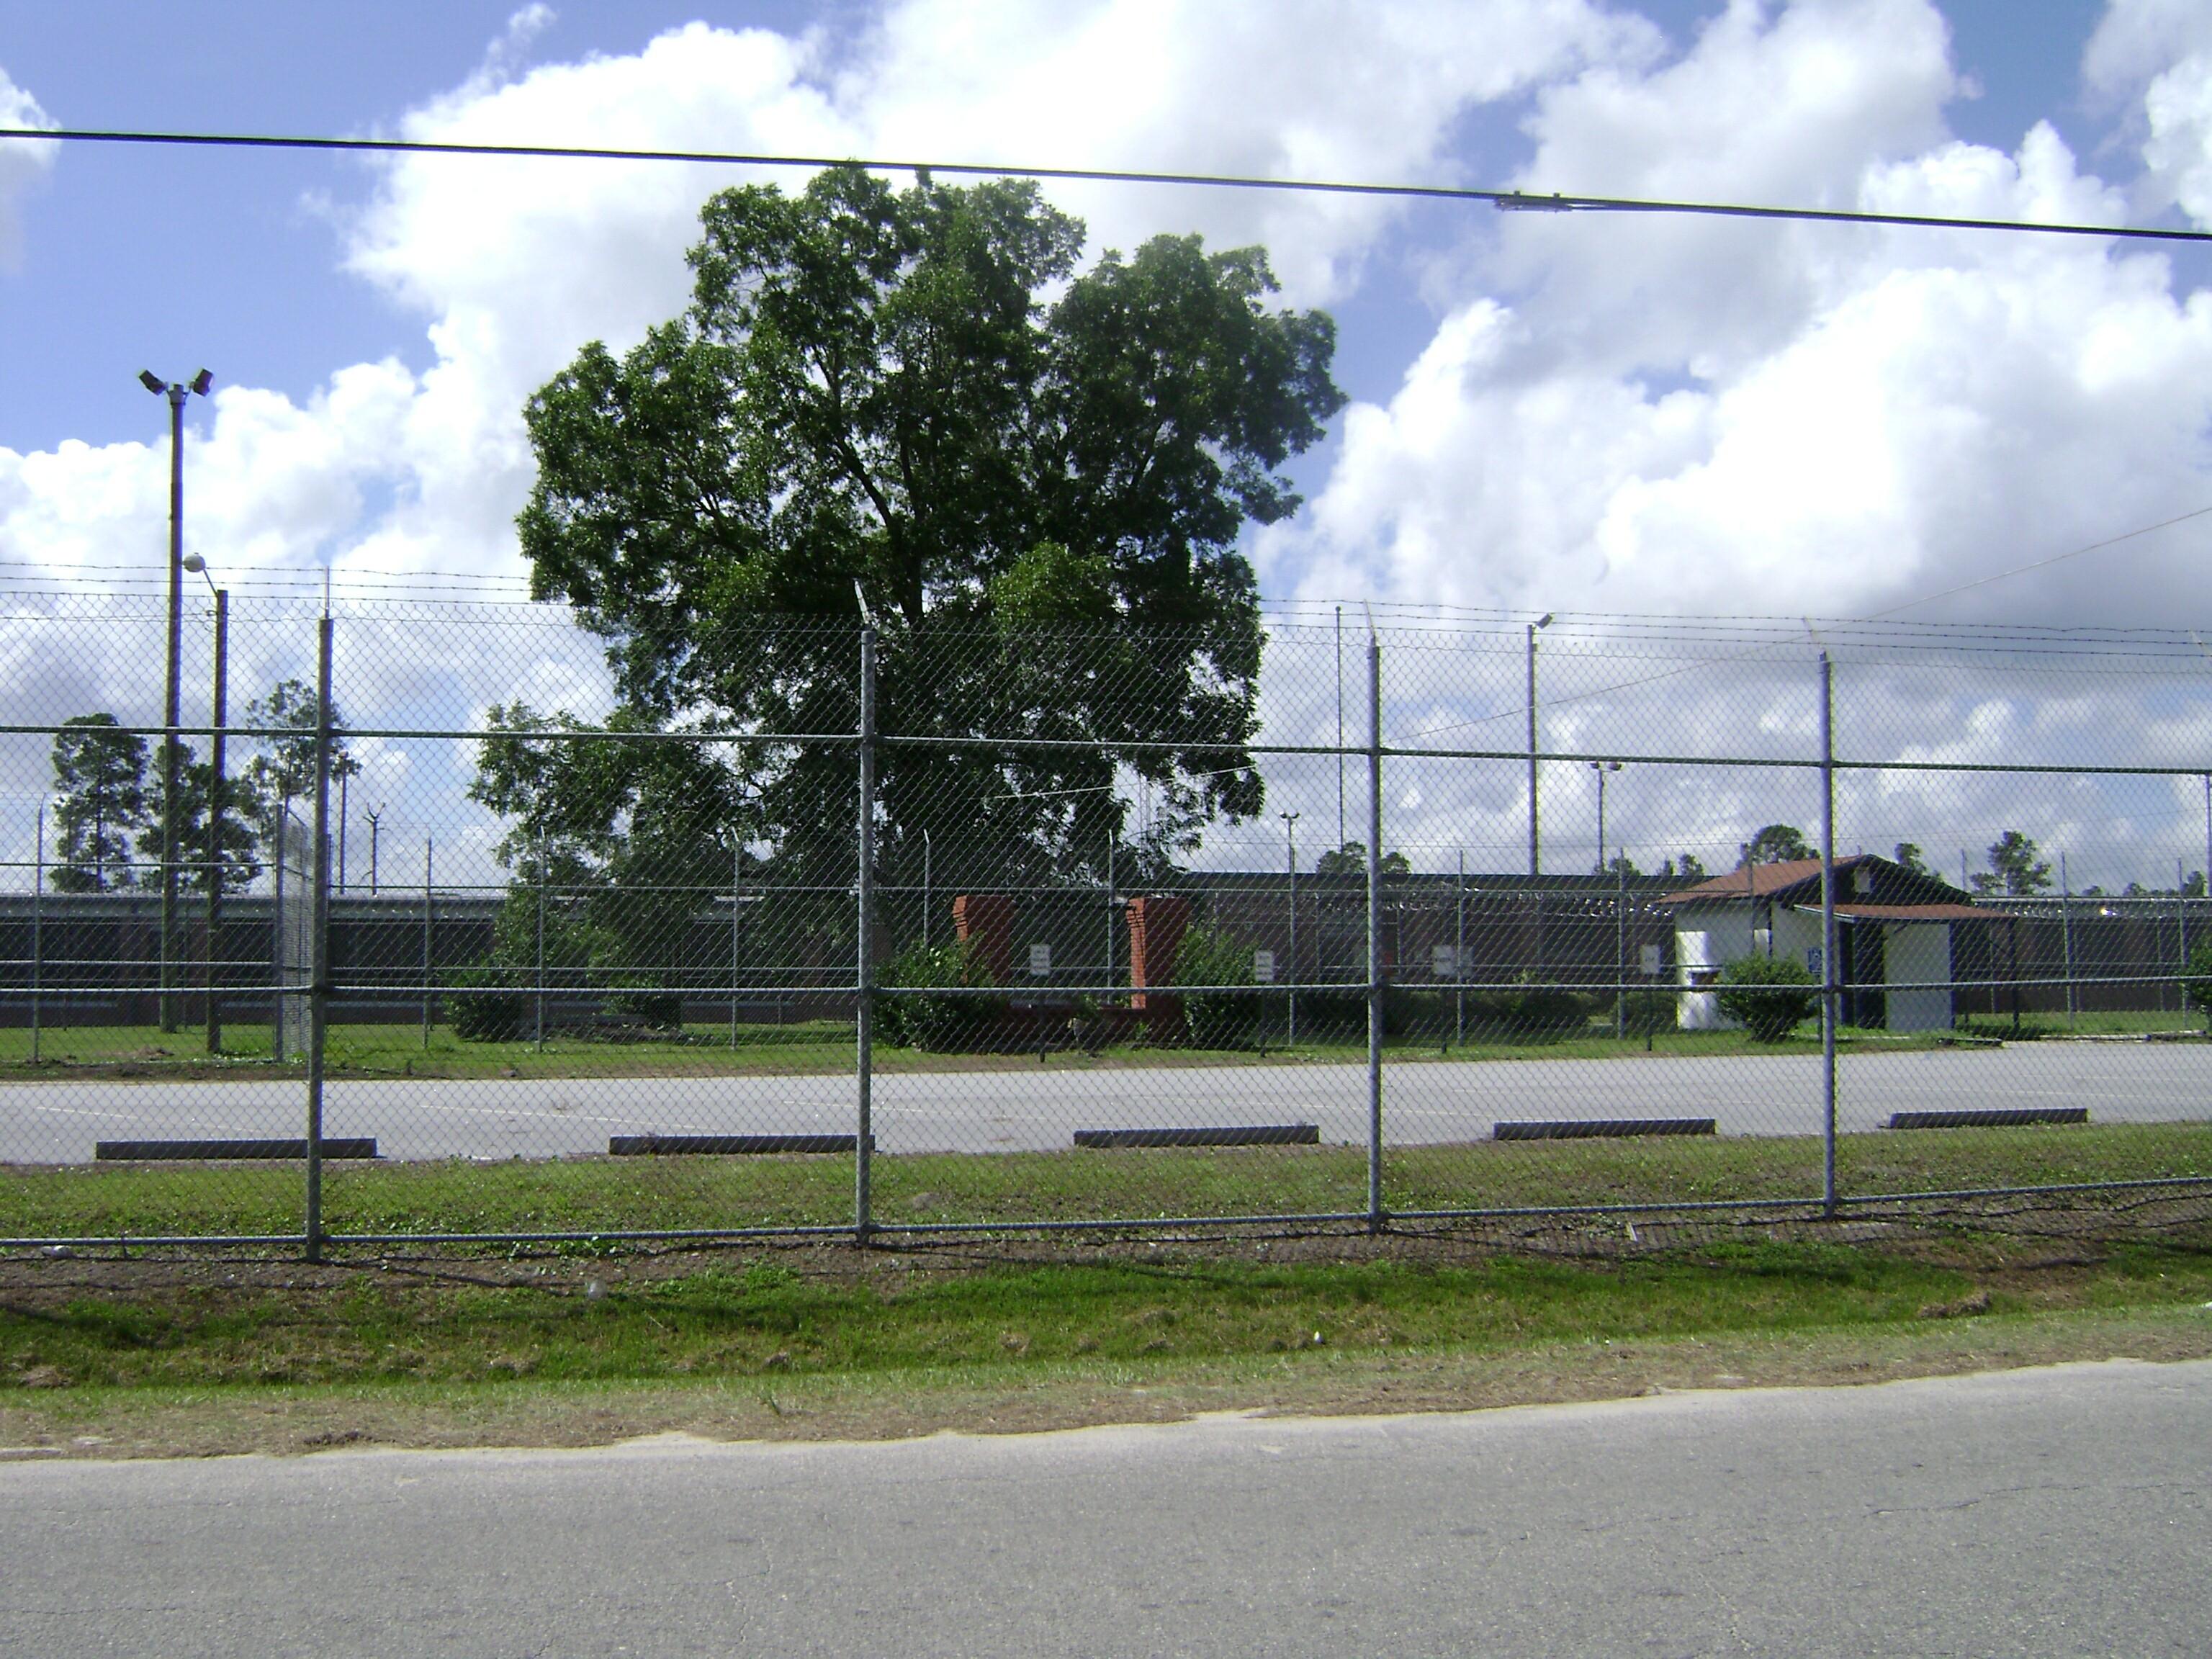 USA: Private prison co  CoreCivic to face lawsuits alleging